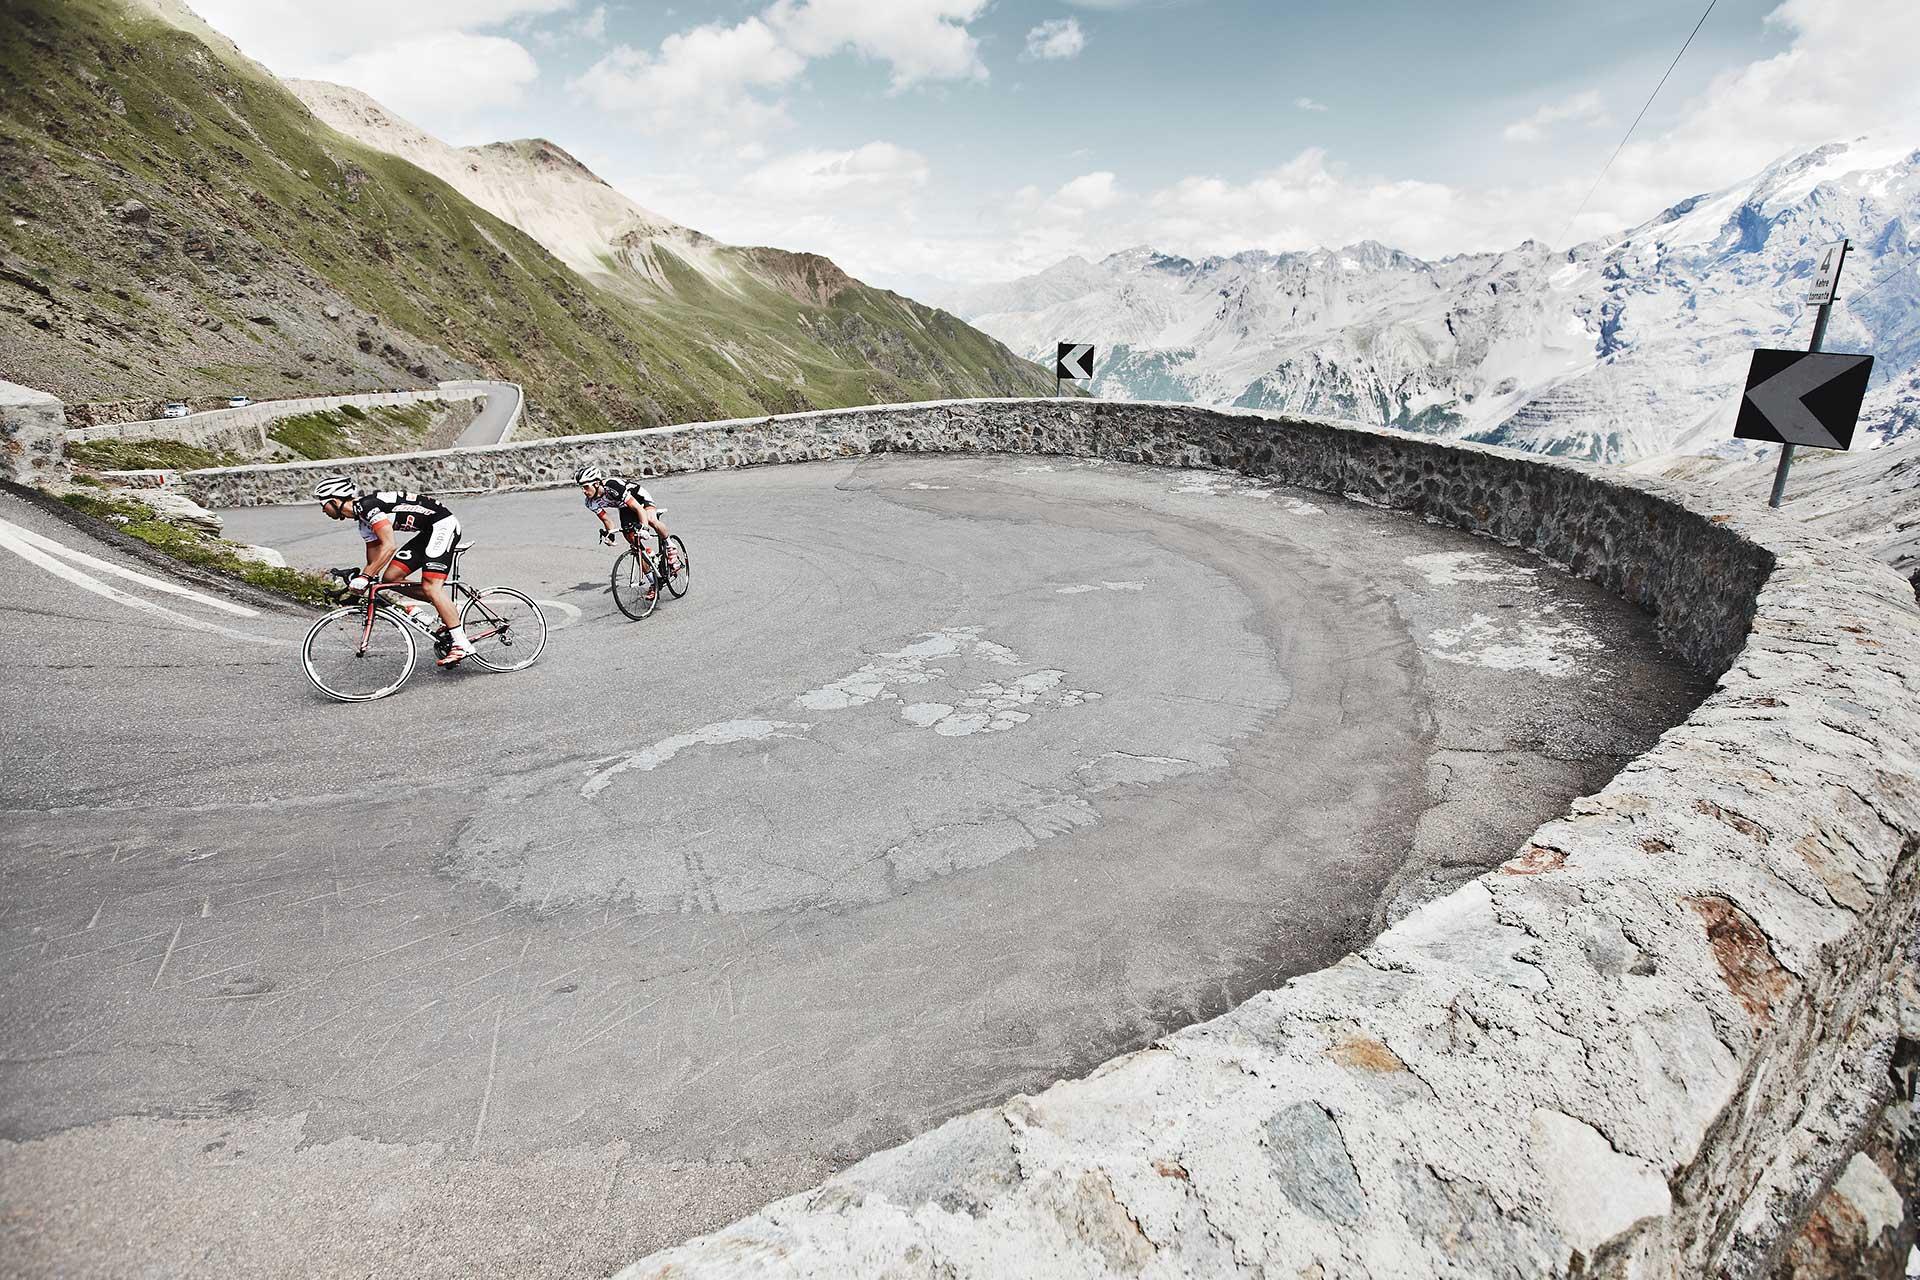 Sport Aktion Fahrrad Rennrad Fotografie Stilfser Joch Deutschland München